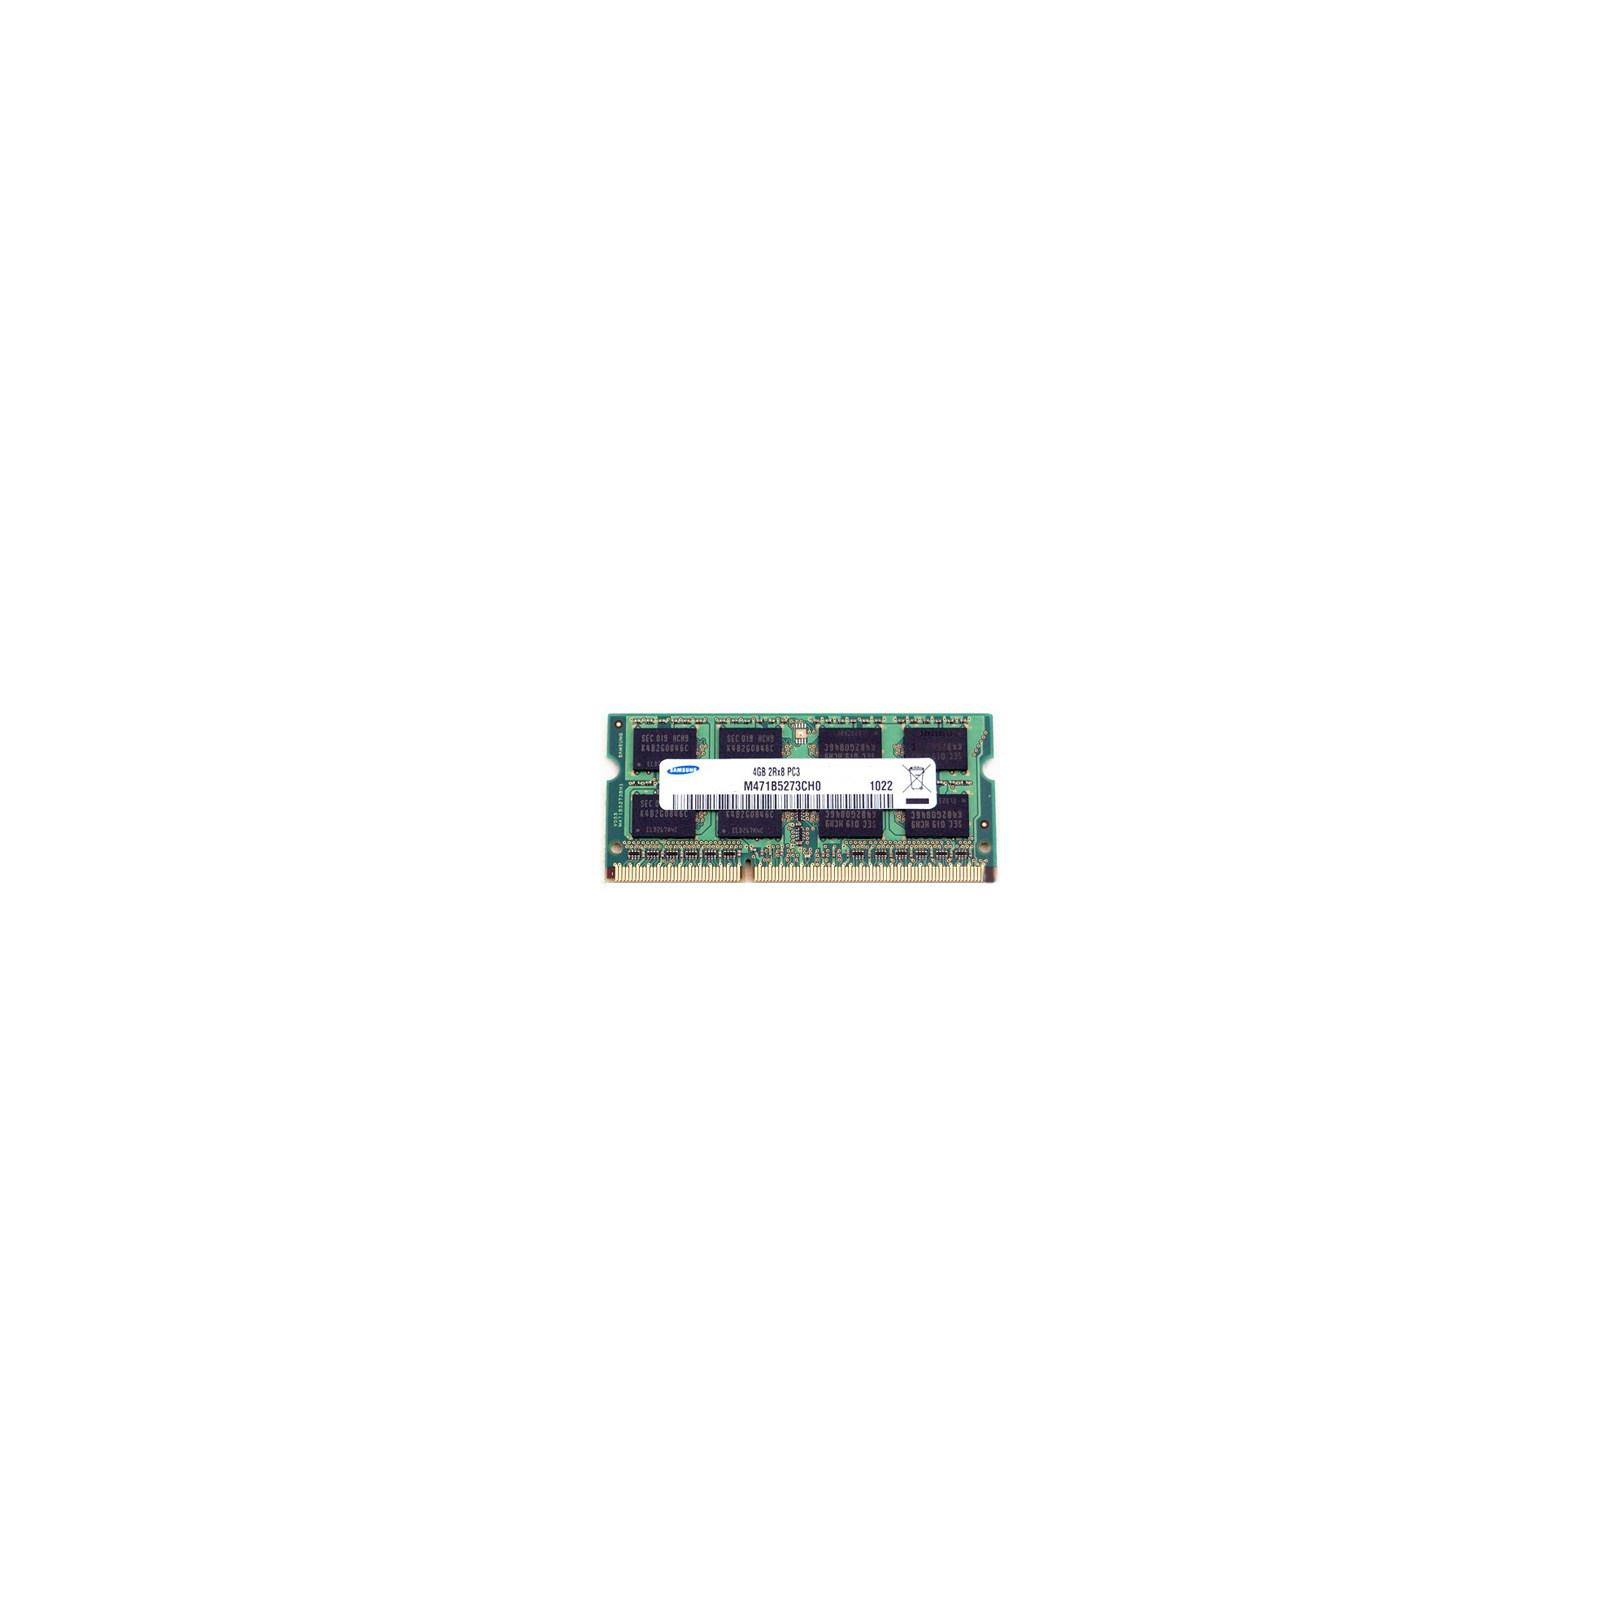 Модуль памяти для ноутбука SoDIMM DDR3 4GB 1600 MHz Samsung (M471B5173QH0-YK0 / M471B5273DM0-CK0)